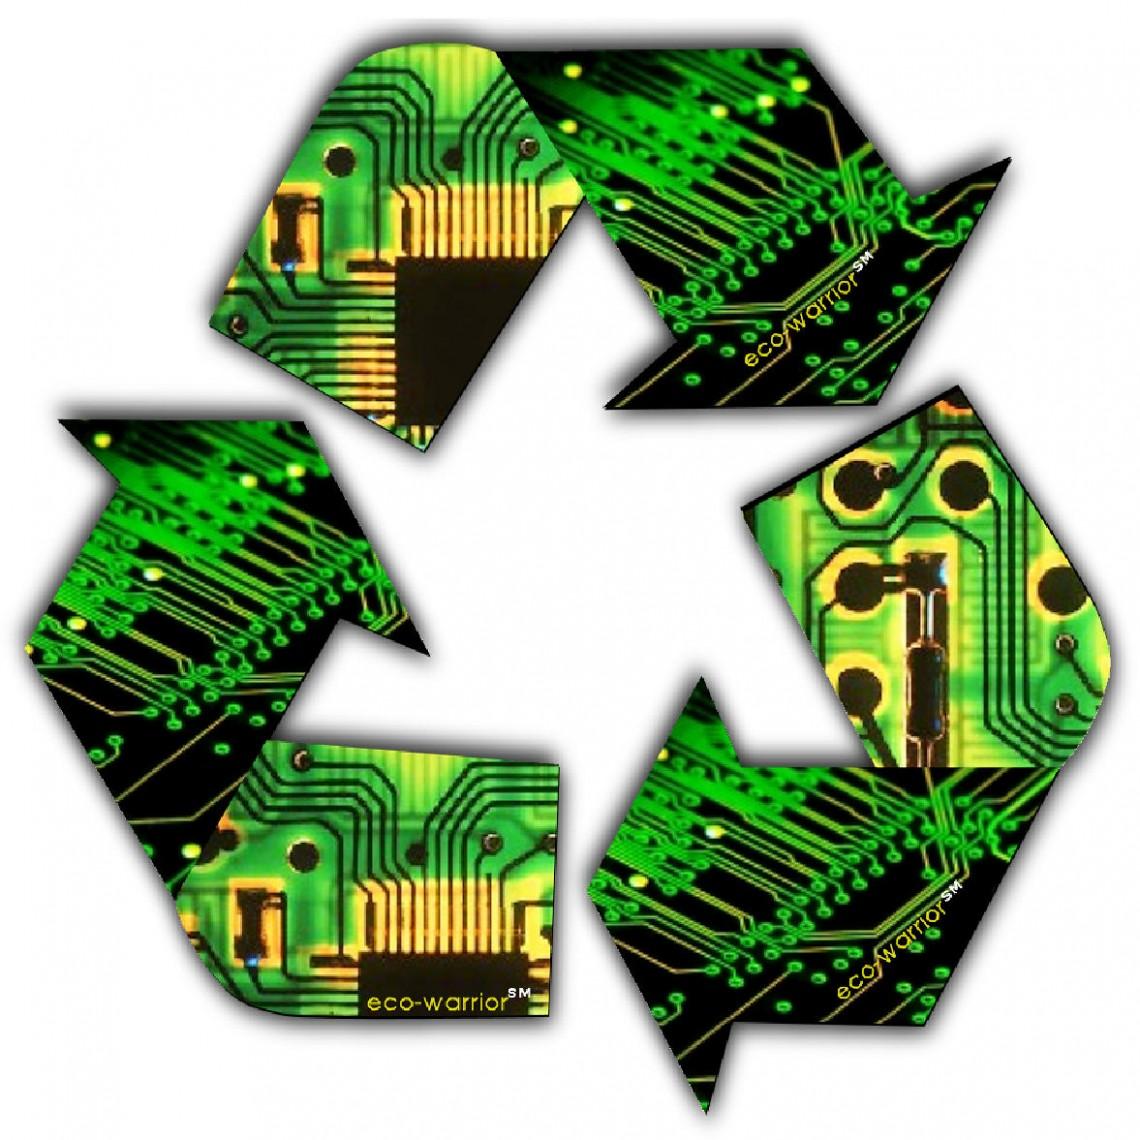 E-Waste Recycling Photo